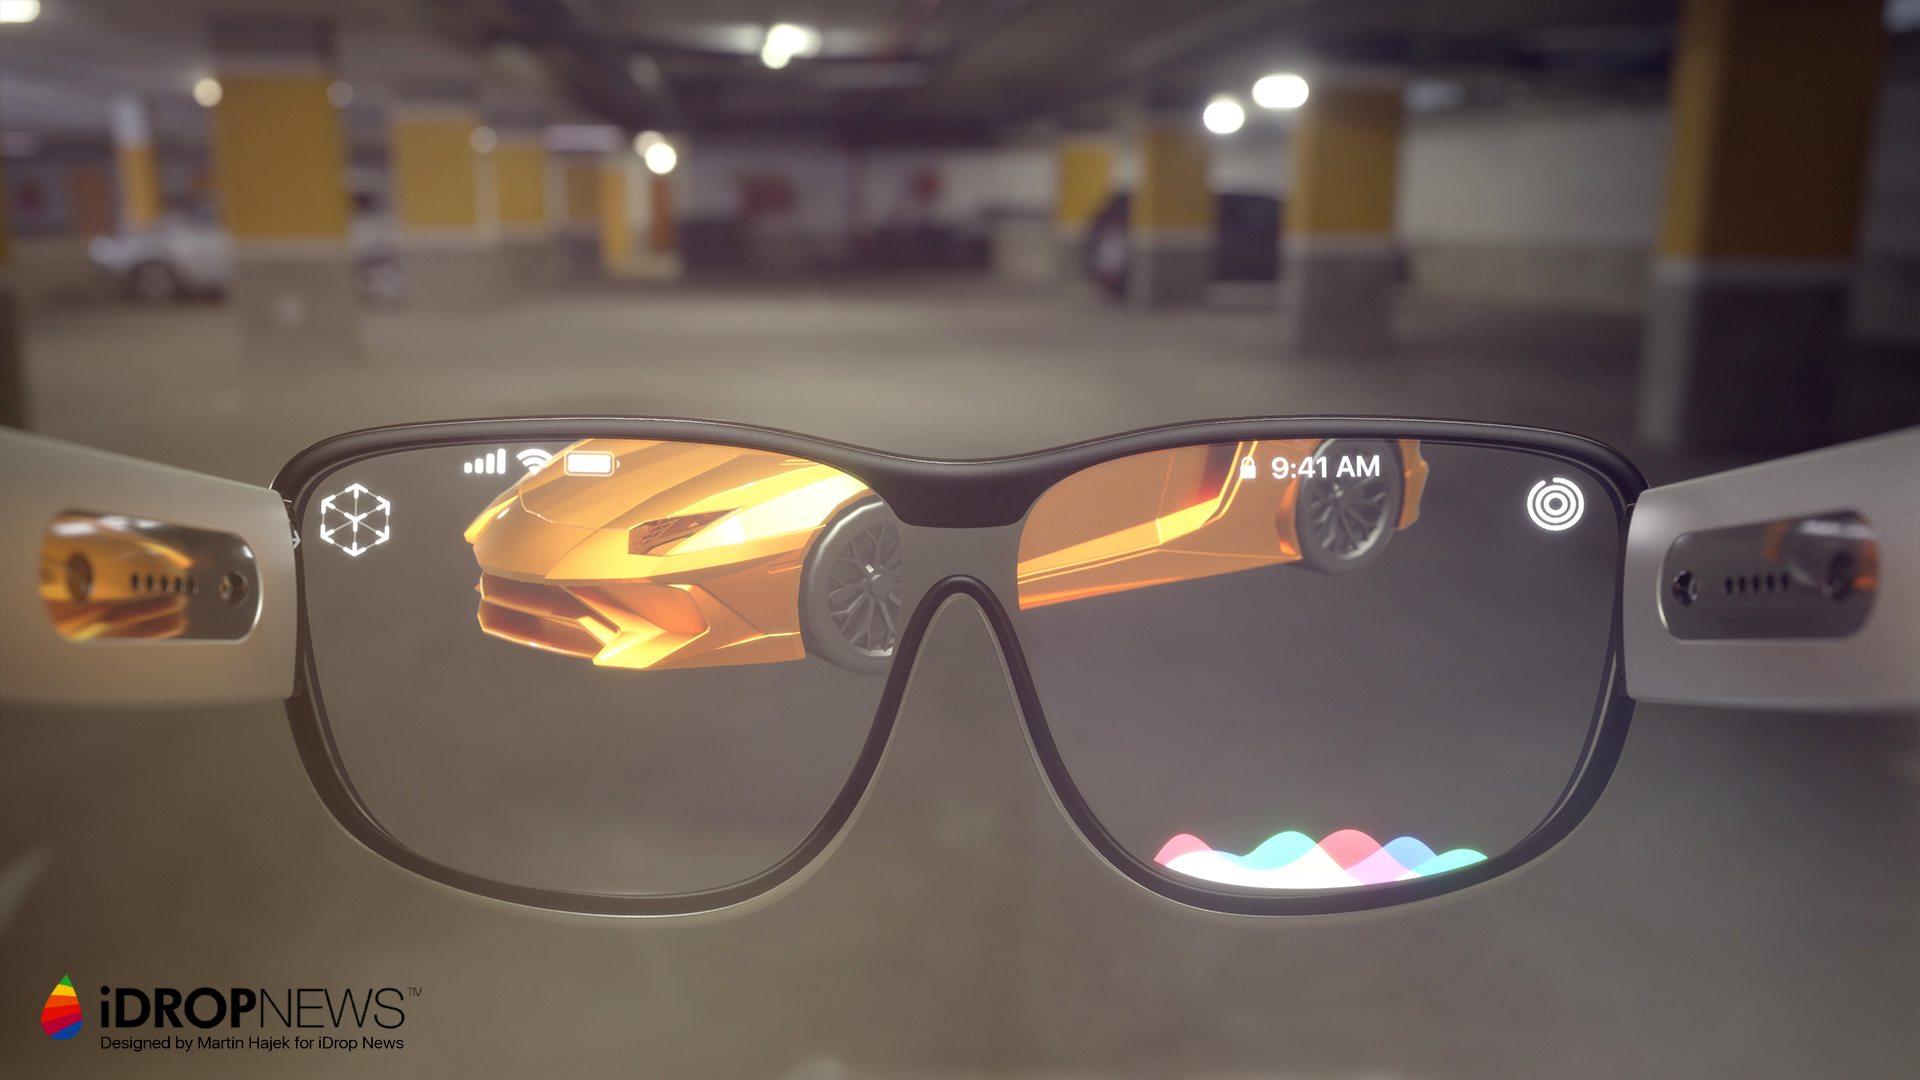 Gli occhiali di Apple stanno davvero arrivando?